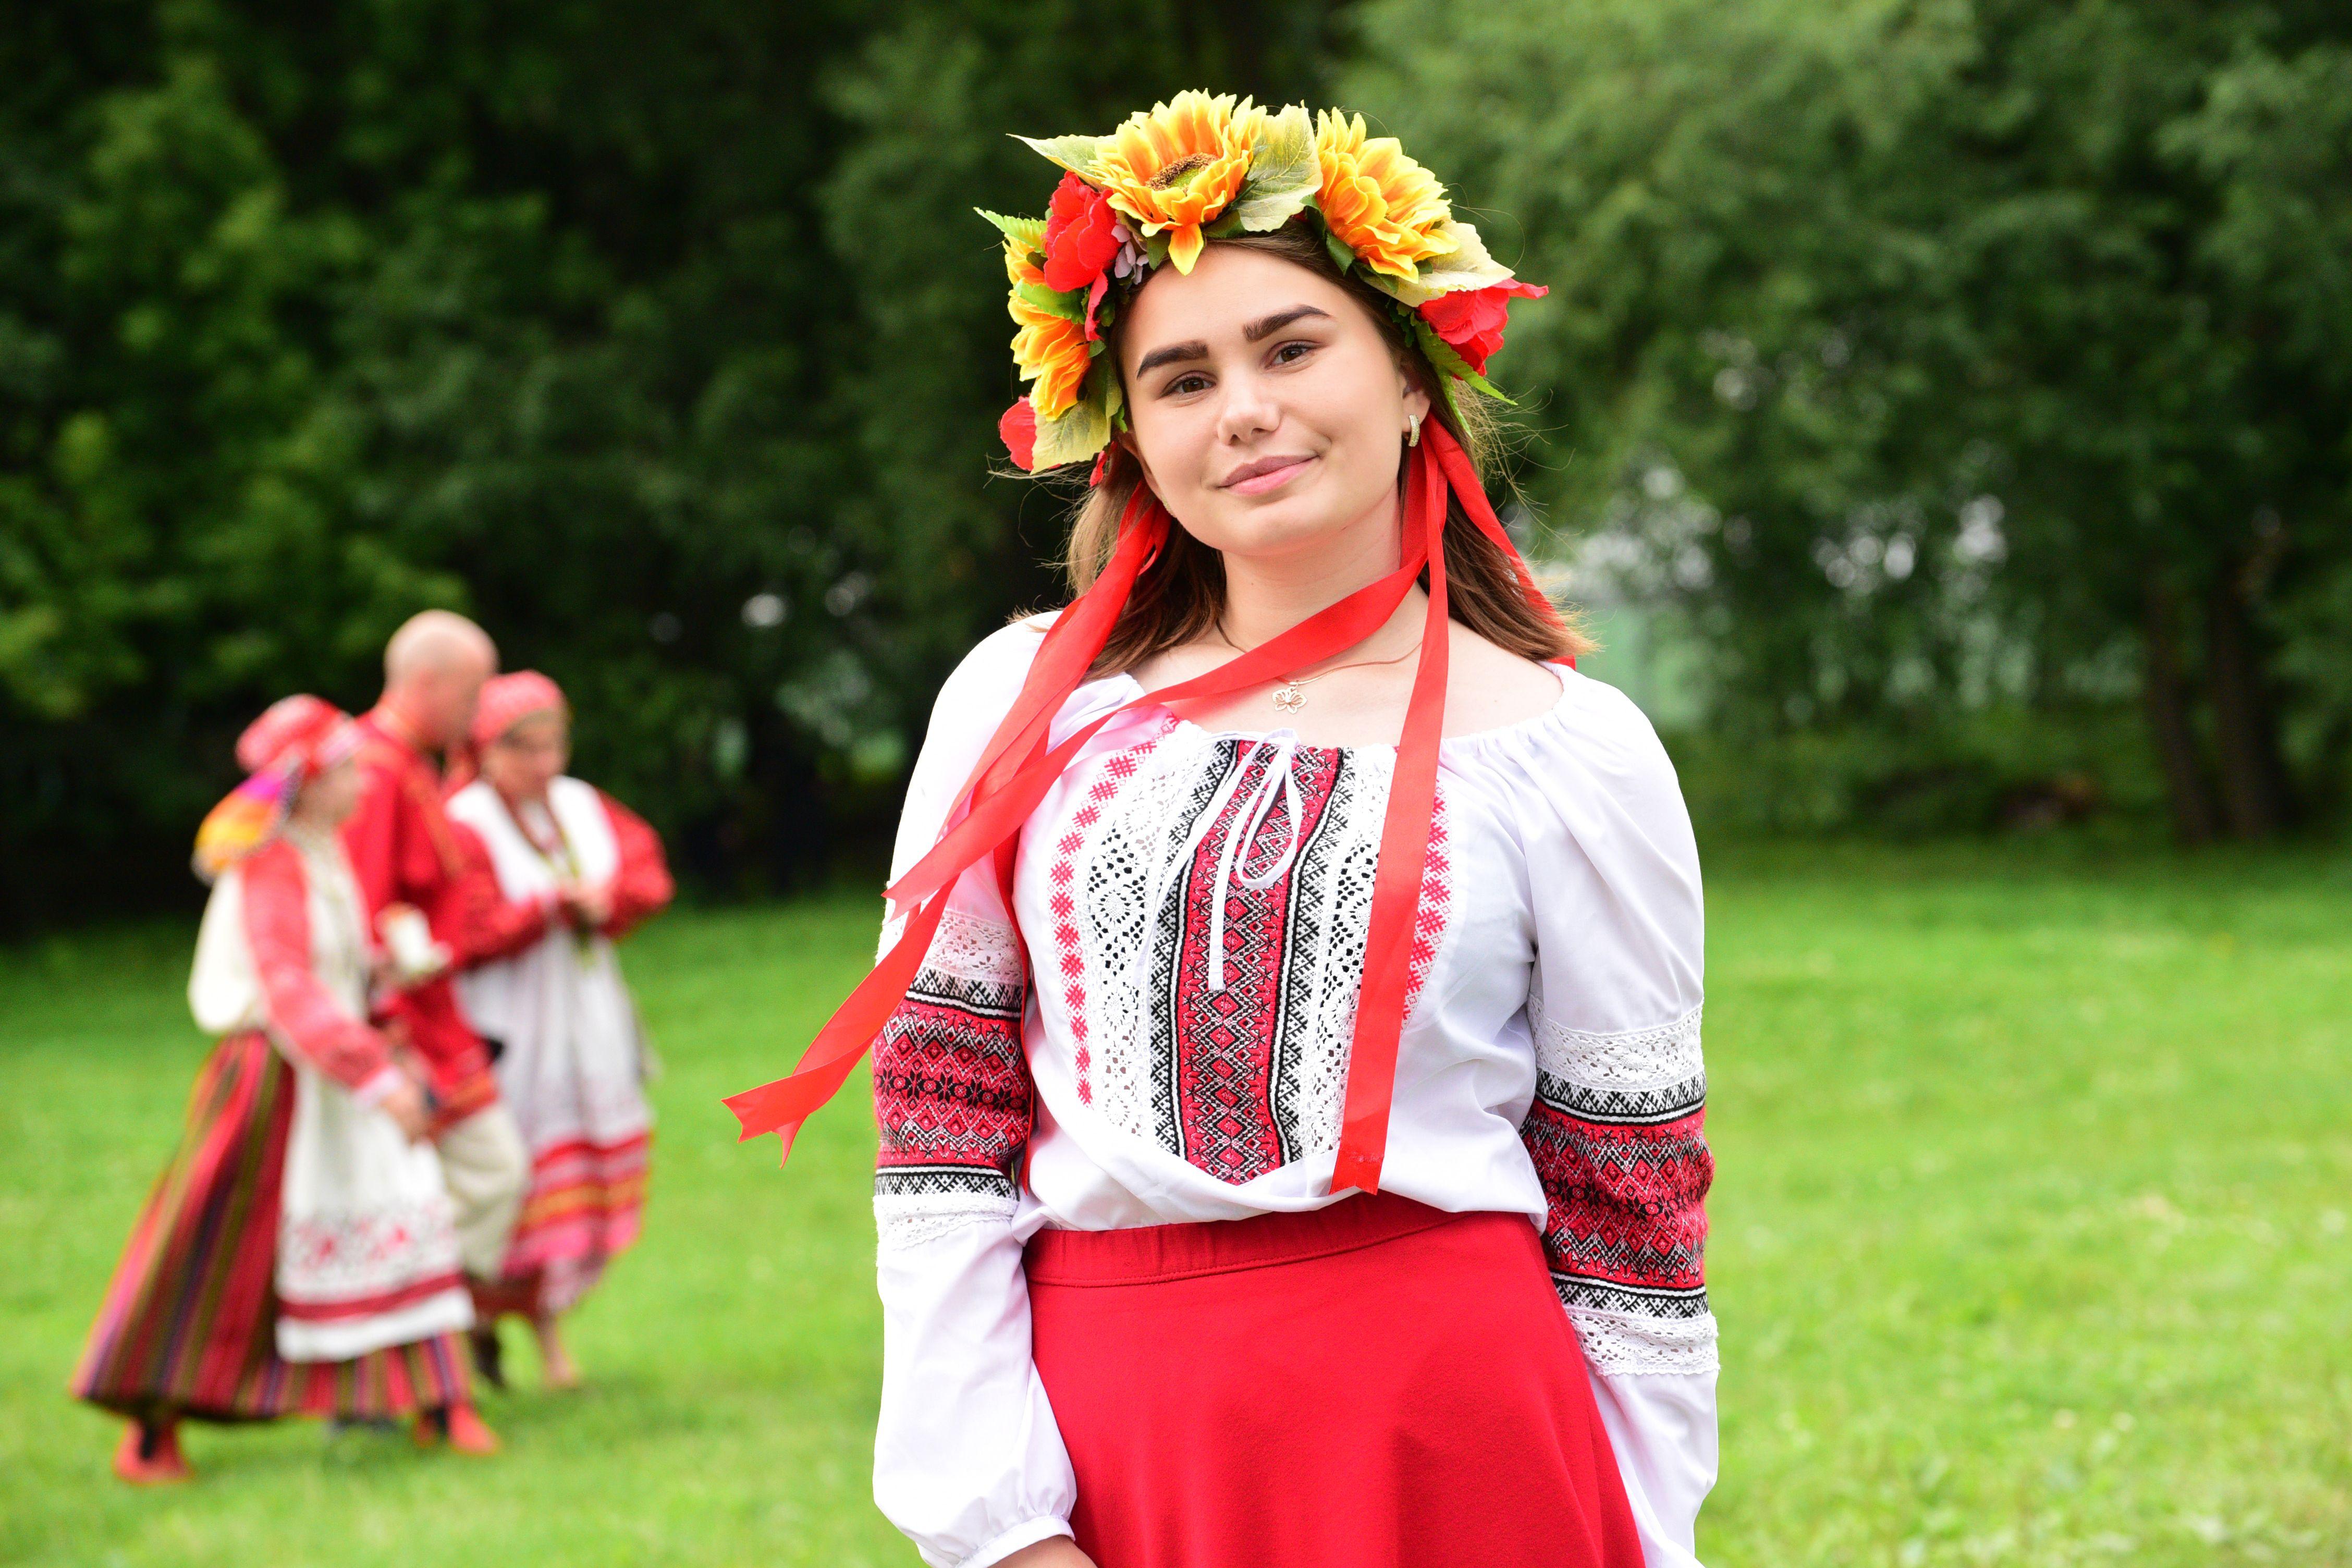 Фольклор от а до я: летний онлайн-интенсив запустили в «Северном Чертанове»